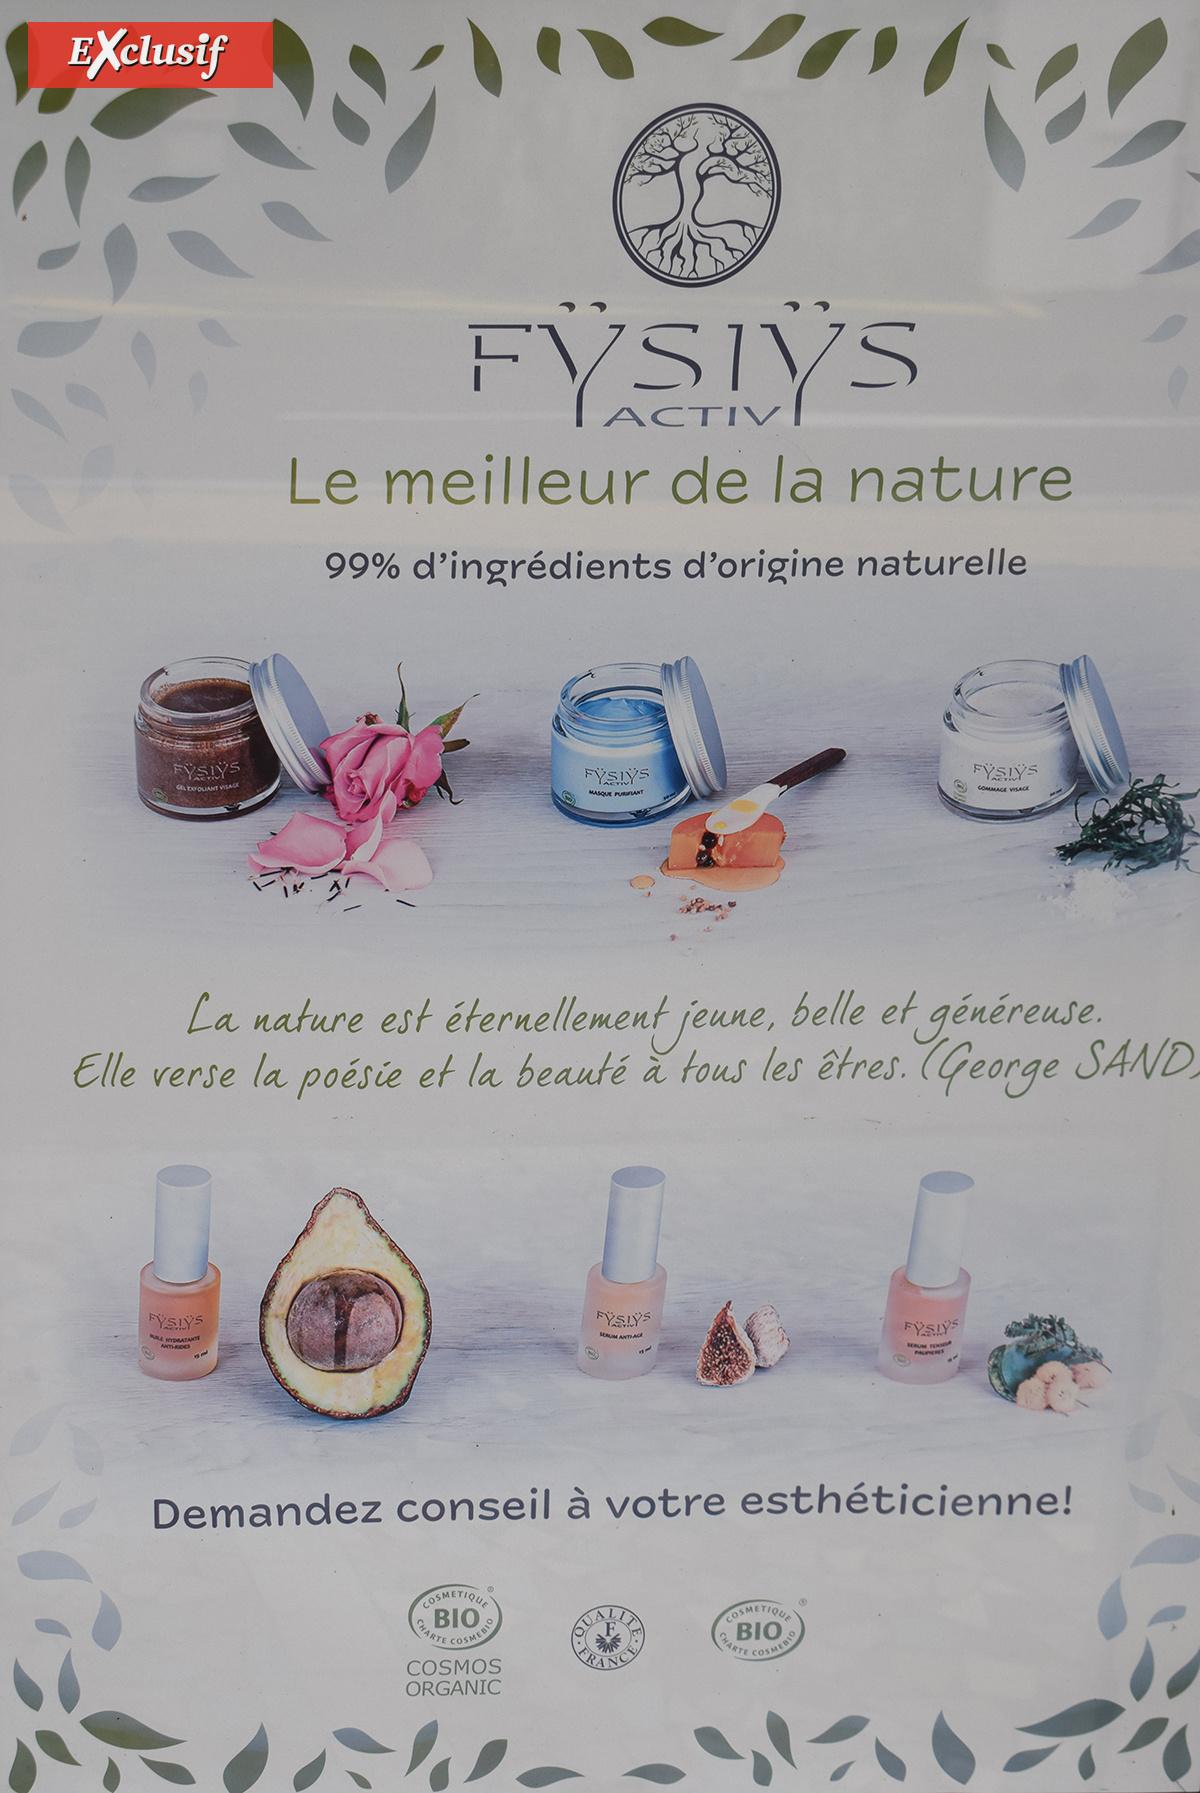 Les Elfes du Bien-être: des soins et des produits de qualité